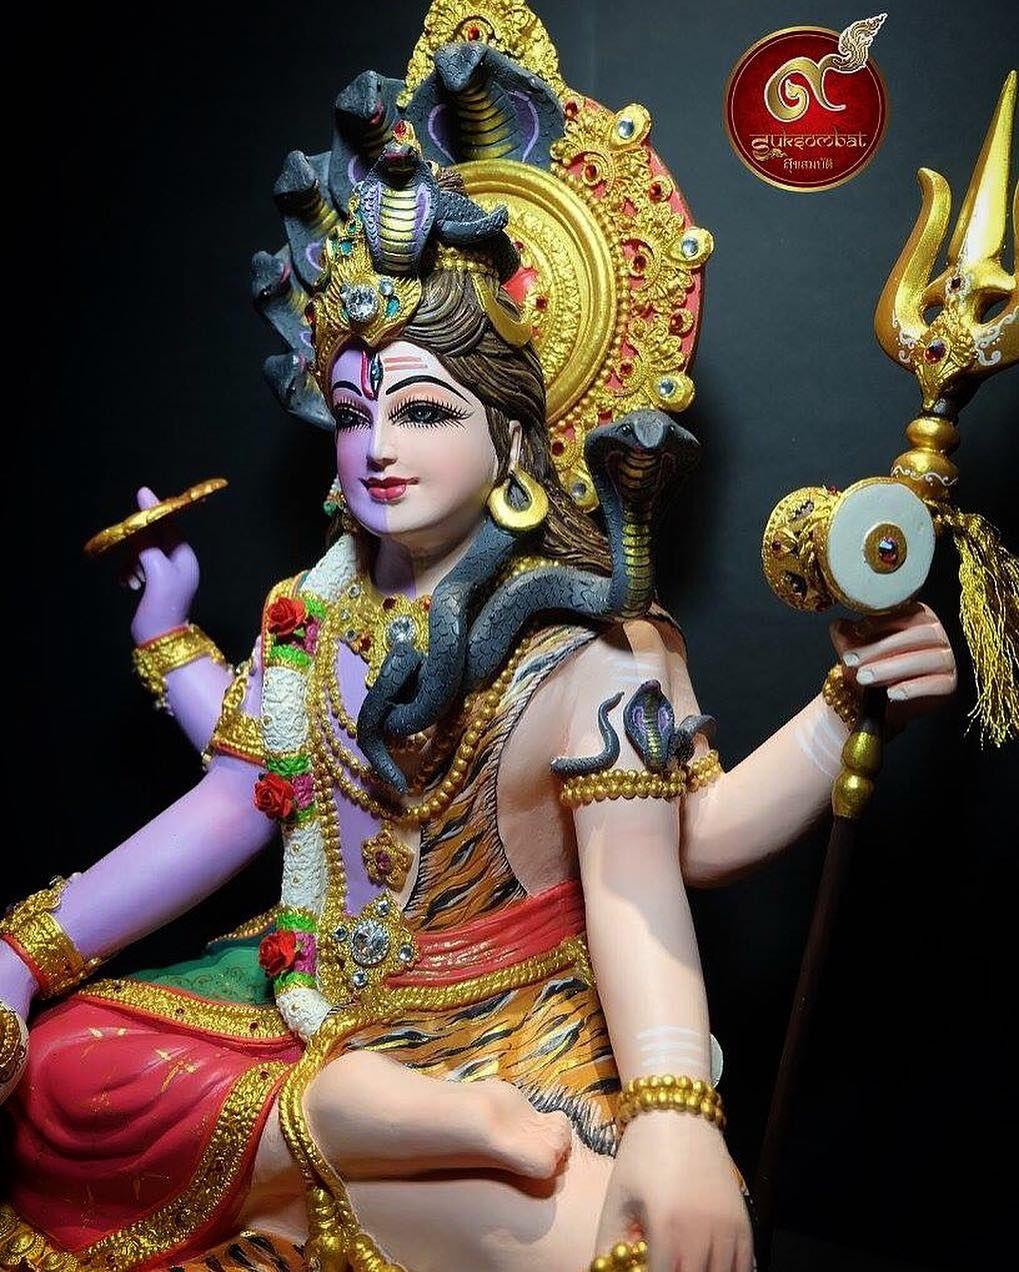 2ร าง พระนารายณ พระศ วะ ส ง 54 Cm กว าง 34 Cm พระศ วะ พระอ ศวร พระองค ทรงประทานพรว เศษให แก ผ หม นกระทำความด Mahakal Shiva Shiva Hindu Gods